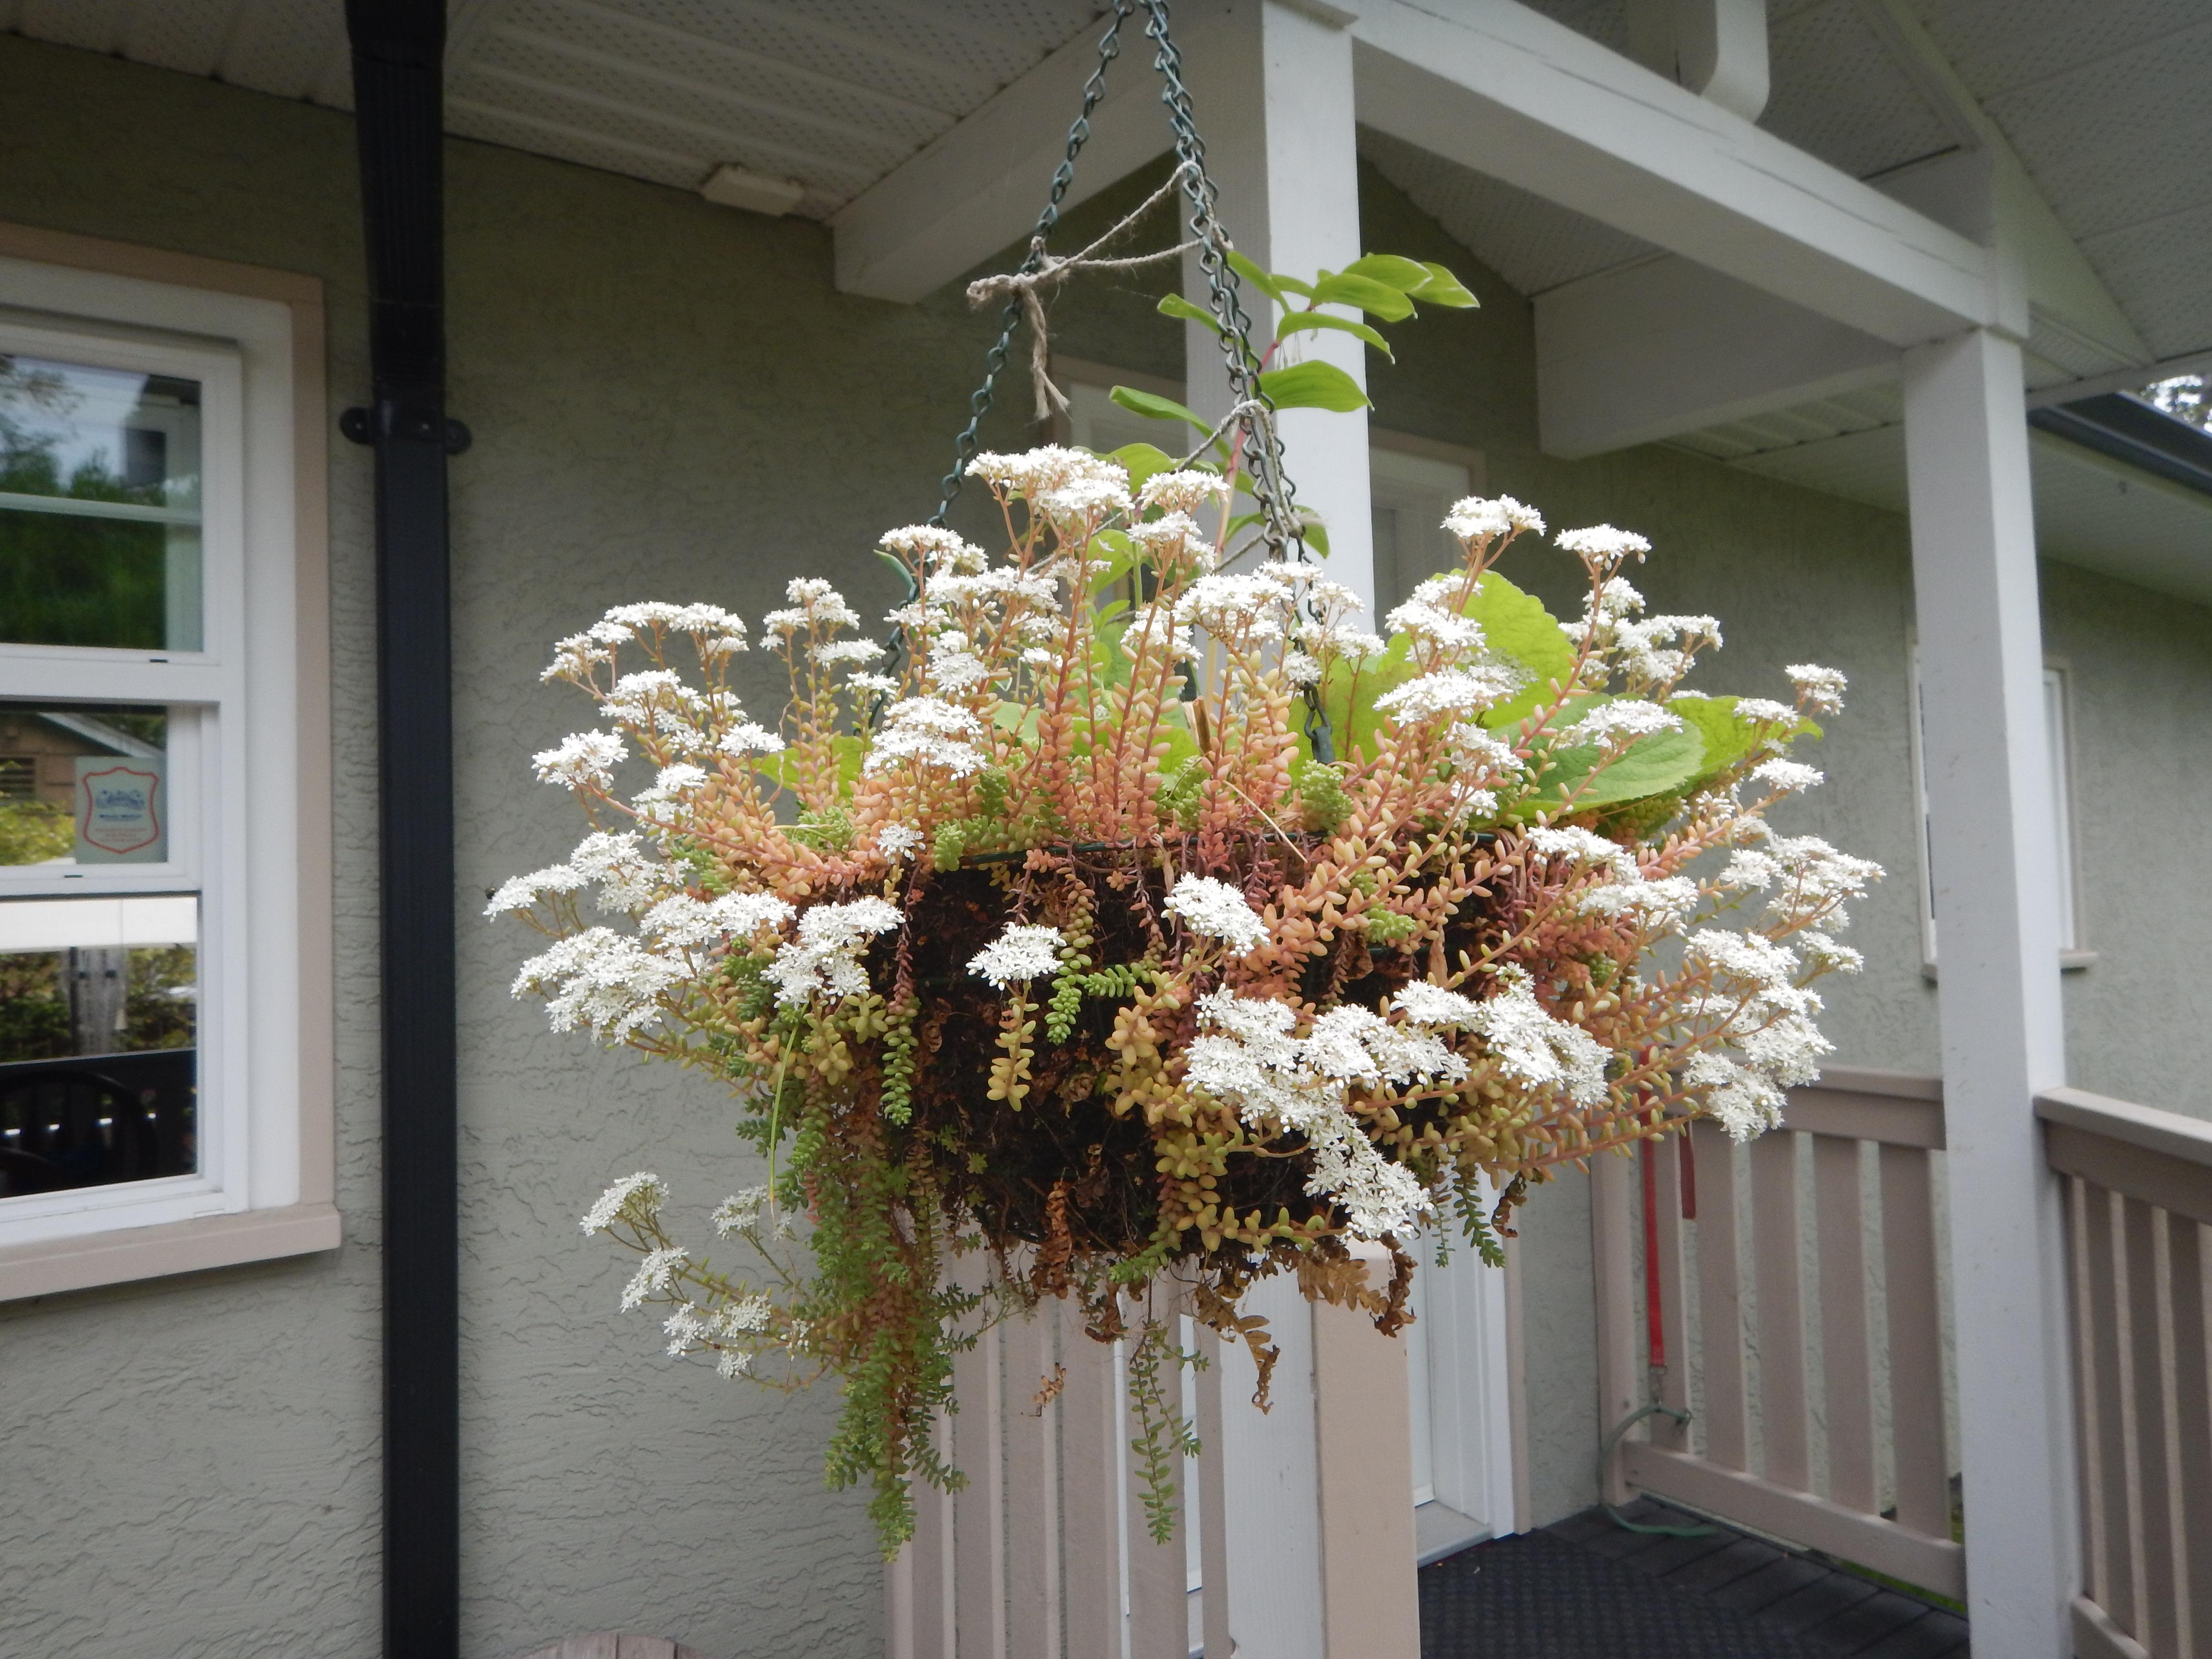 Sedum album hanging basket, white stonecrop, Oreosedum album, small house leek